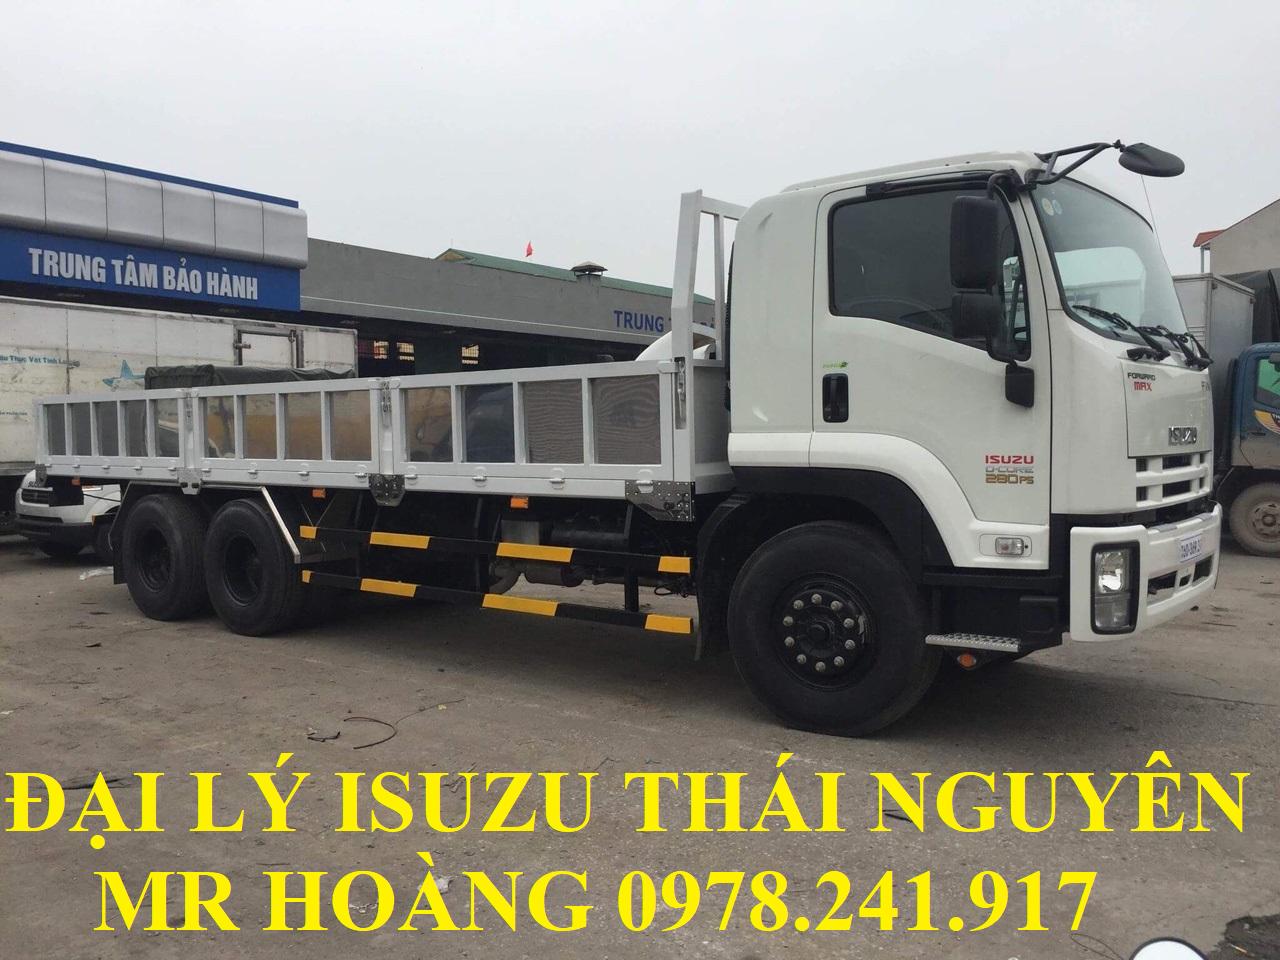 đại lý isuzu thái nguyên bán xe tải isuzu 15 tấn thùng lửng